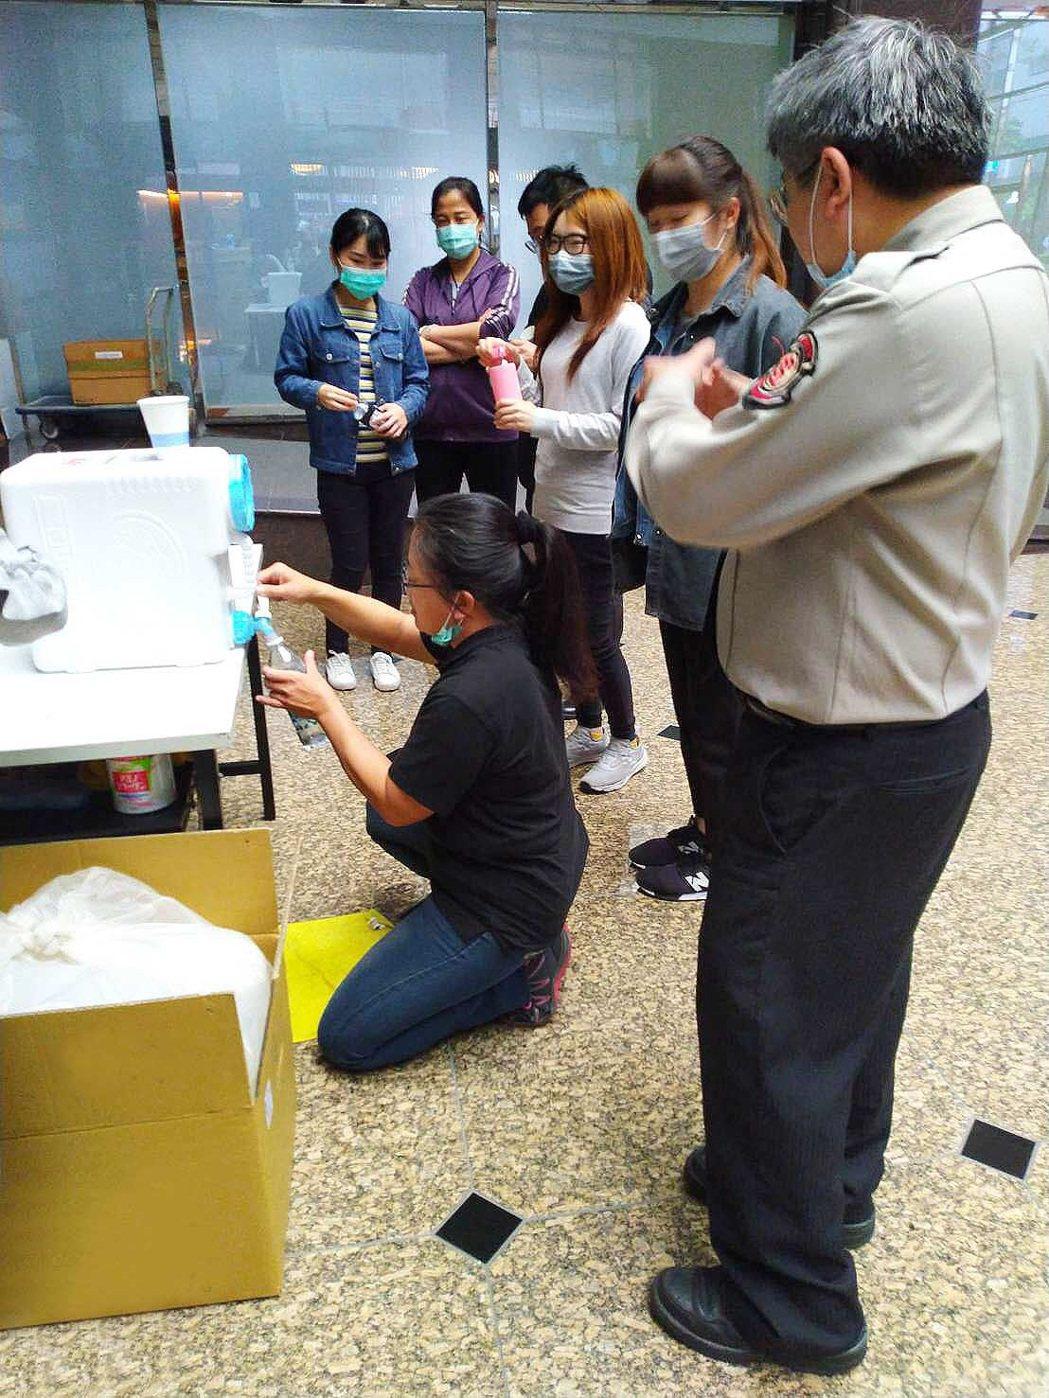 微酸性電解次氯酸水,在日本主要使用在食品加工過程之合法添加劑,在抑菌的功能經過各...